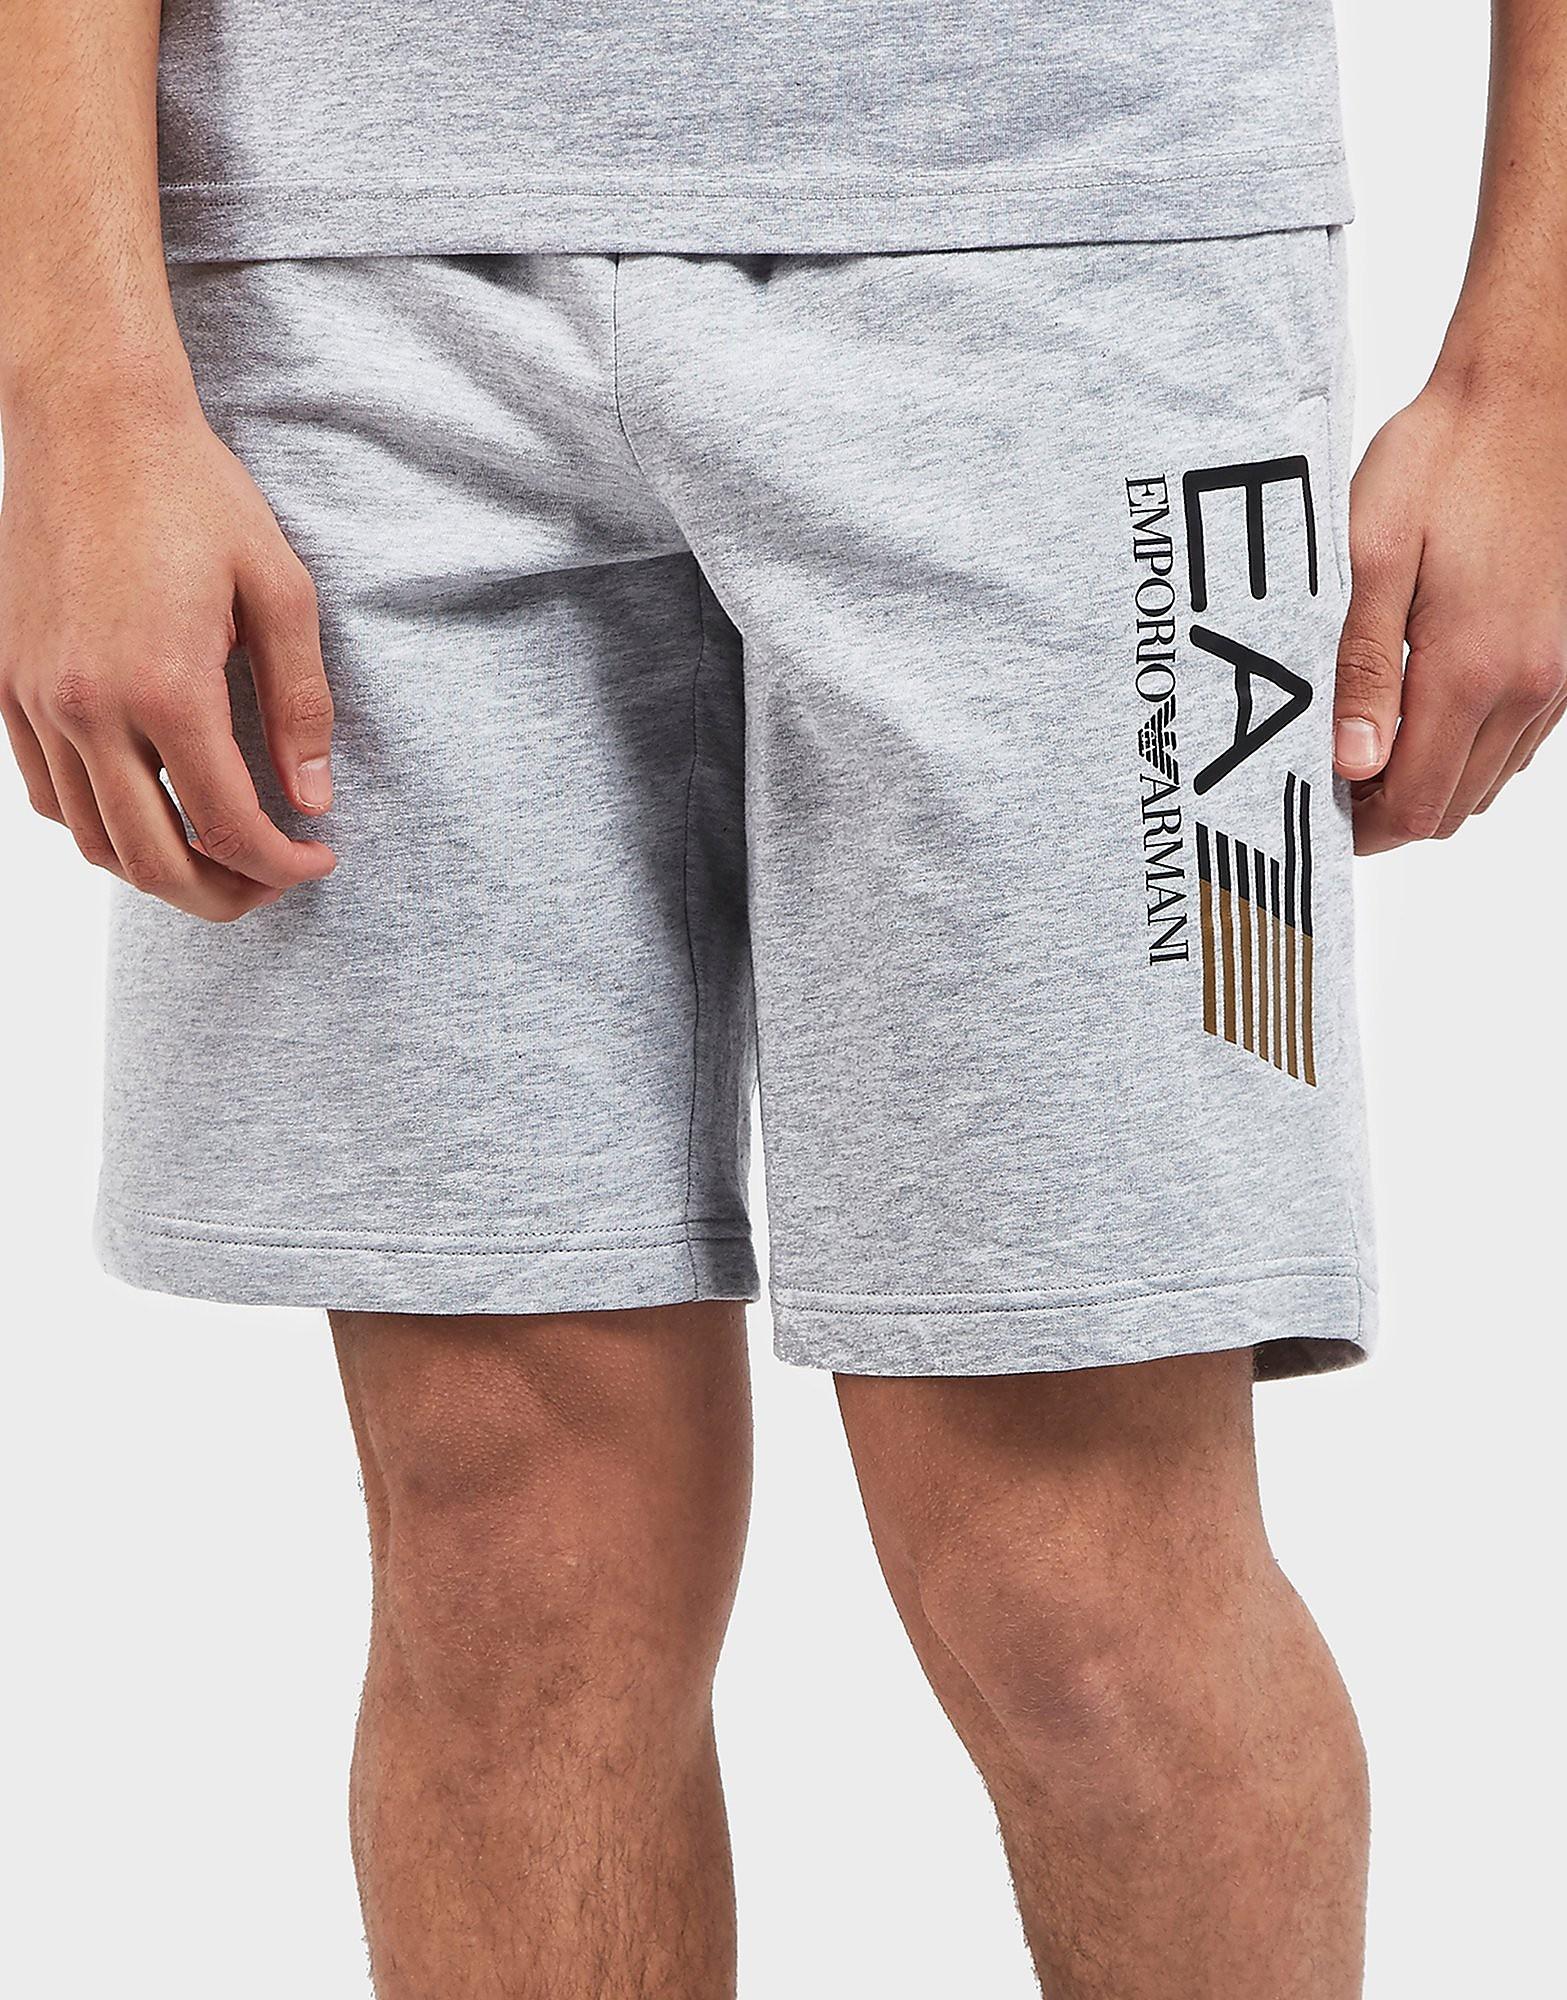 Emporio Armani EA7 Visibility Fleece Shorts